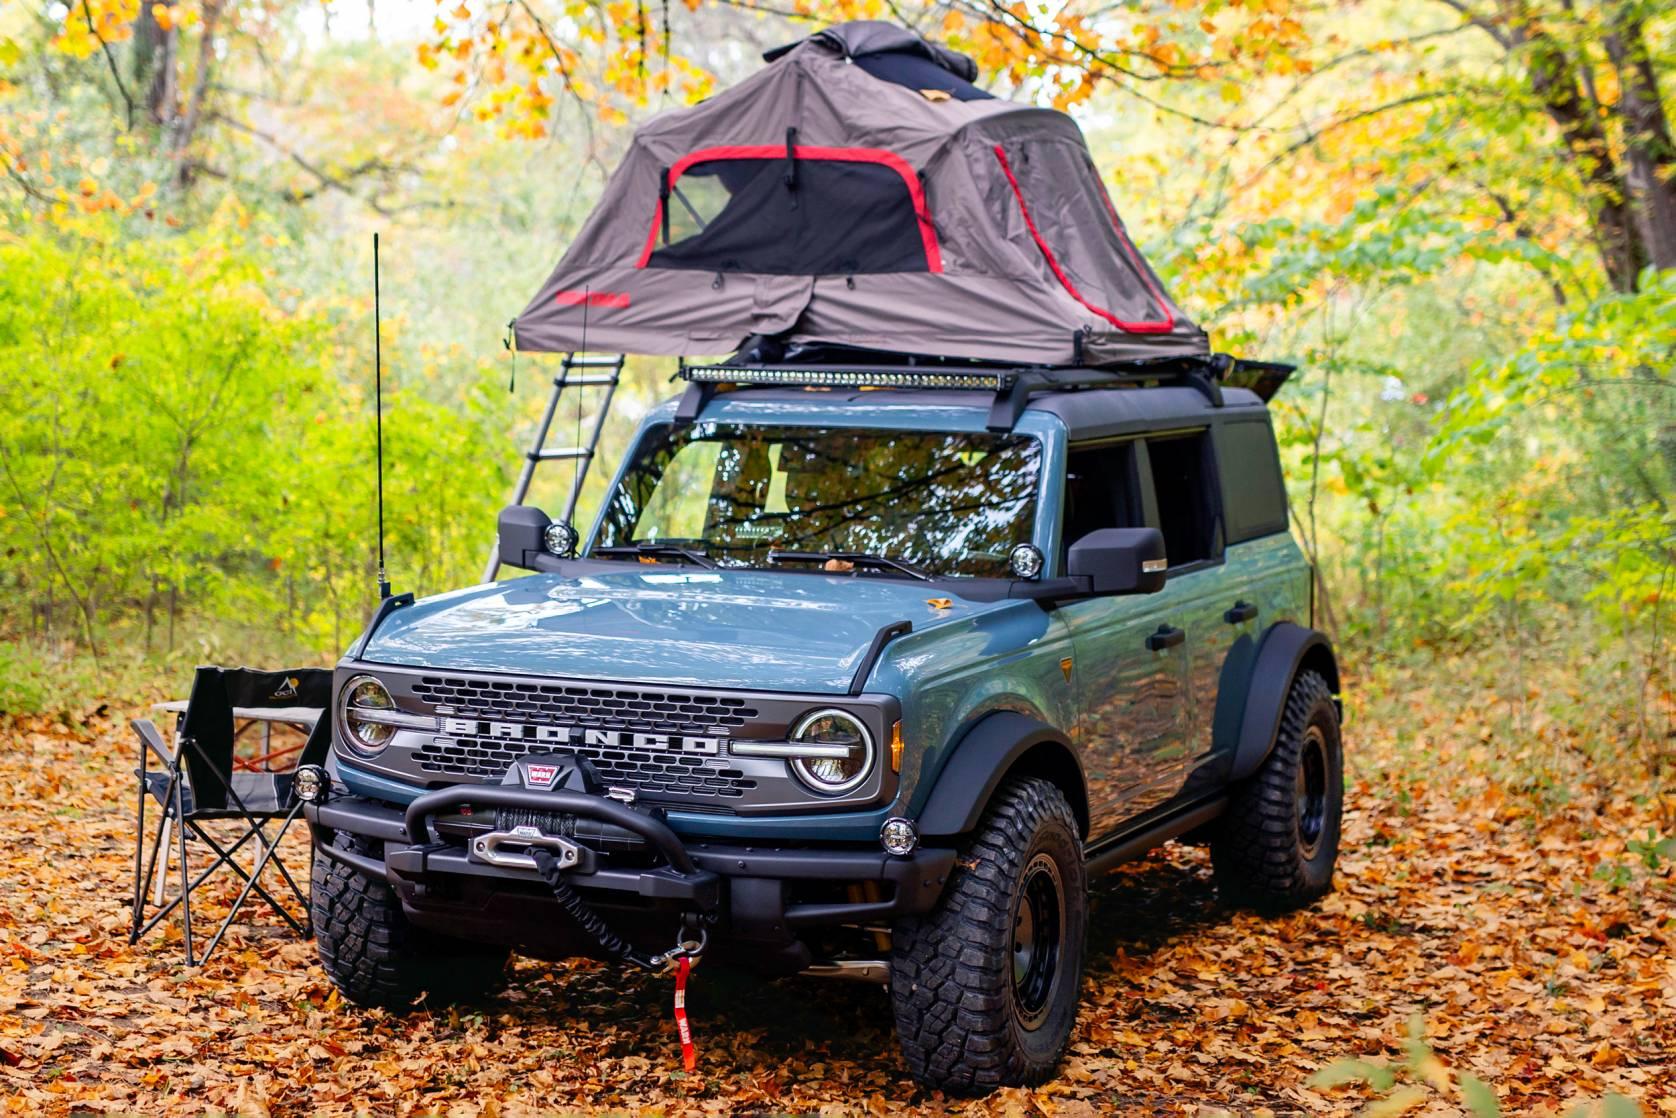 2021 Ford Bronco Overlander concept